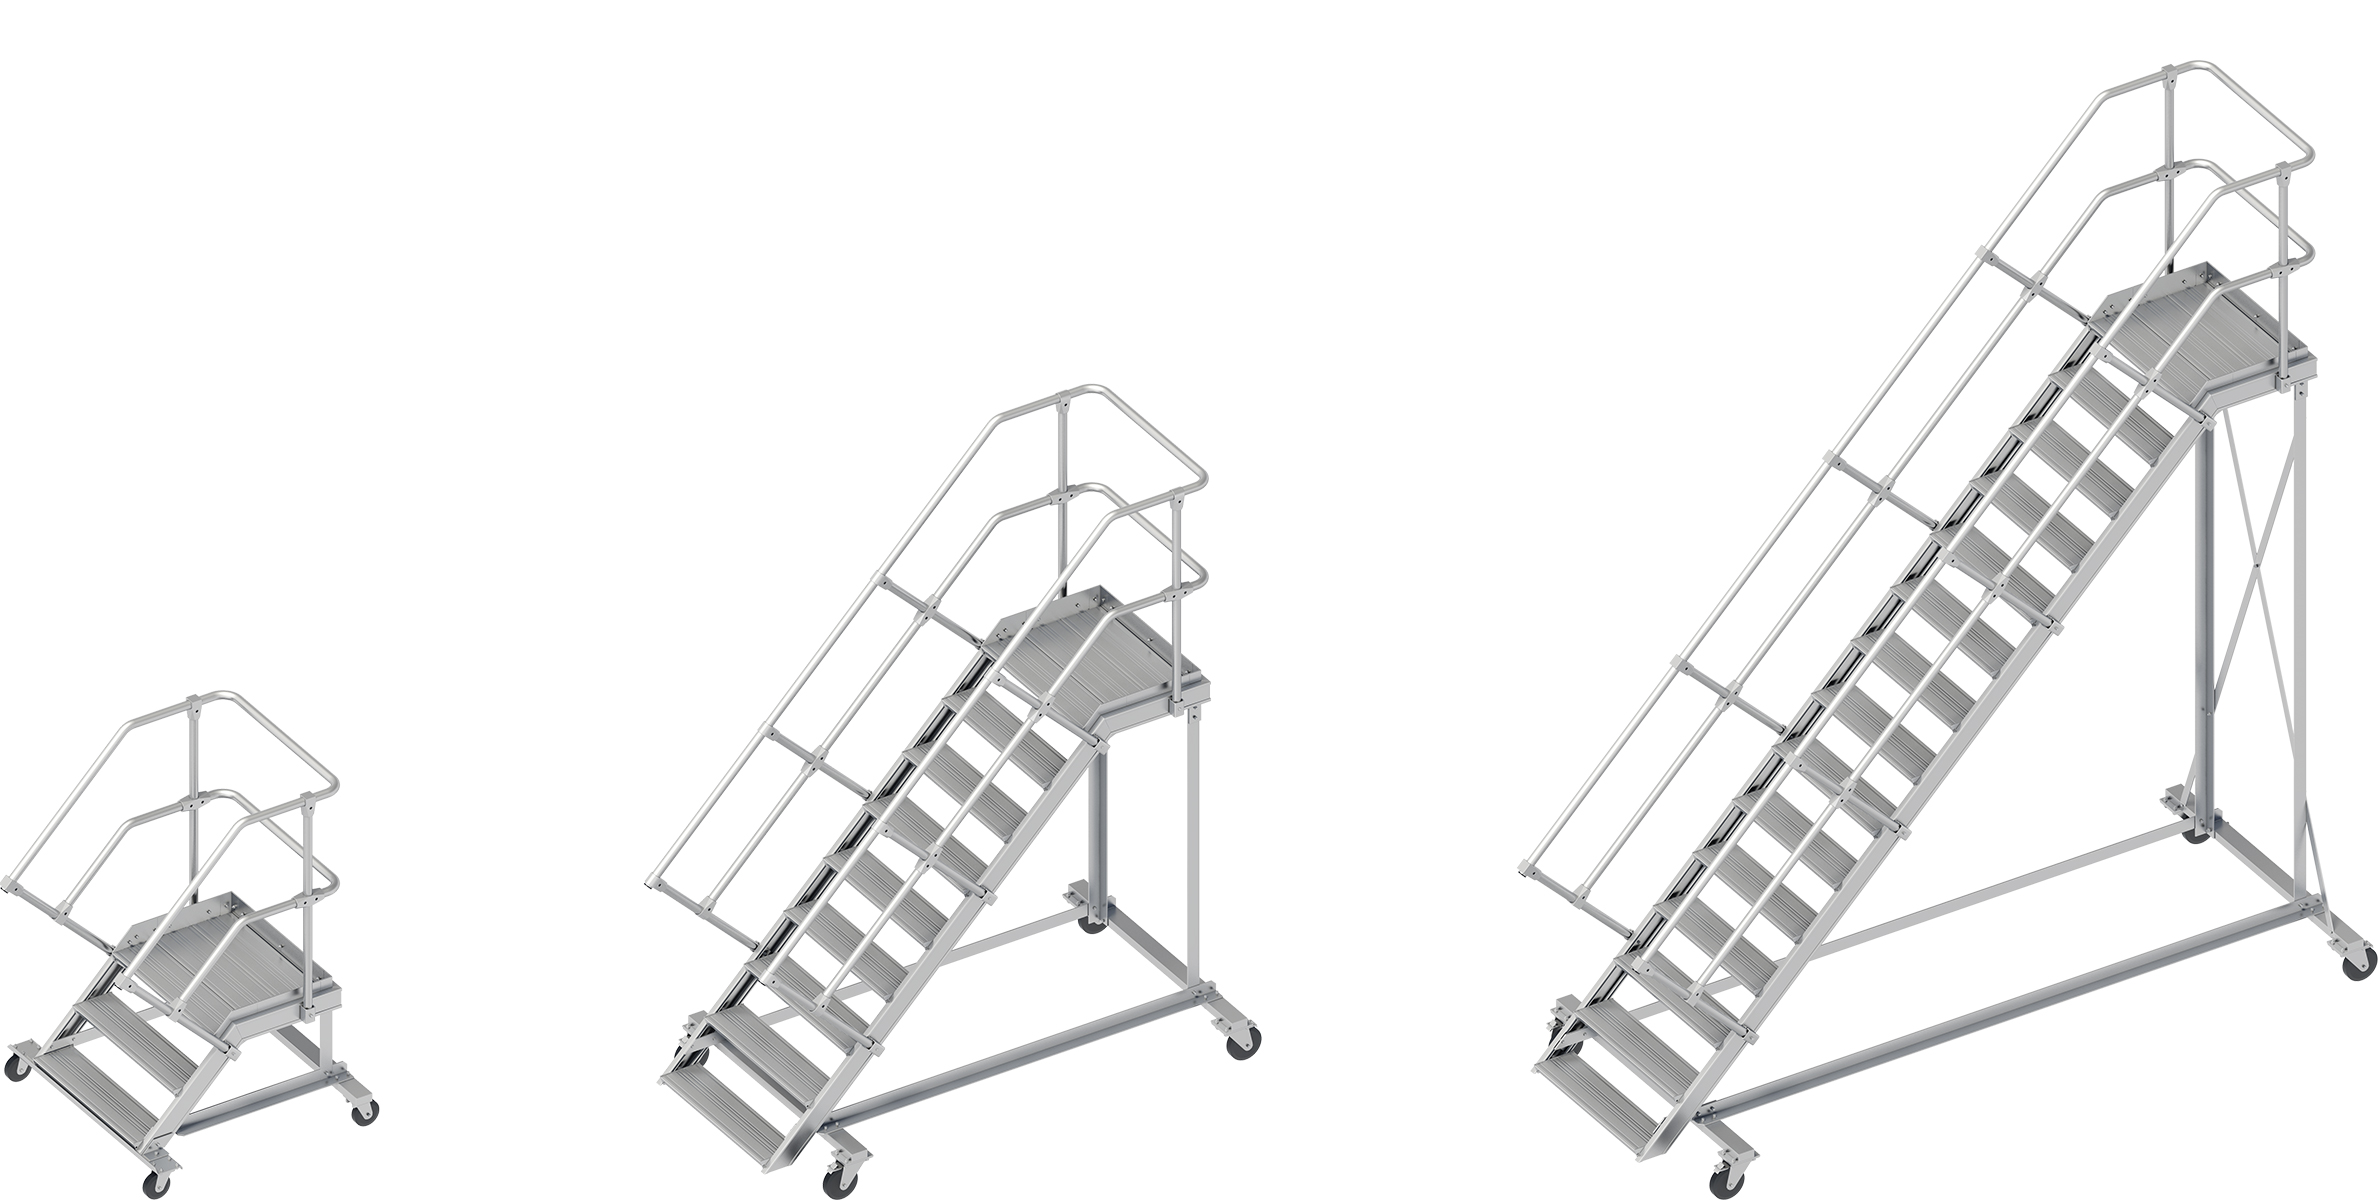 Layher Wartungsbühne 45° - 800 mm breit - mit Umlaufgeländer